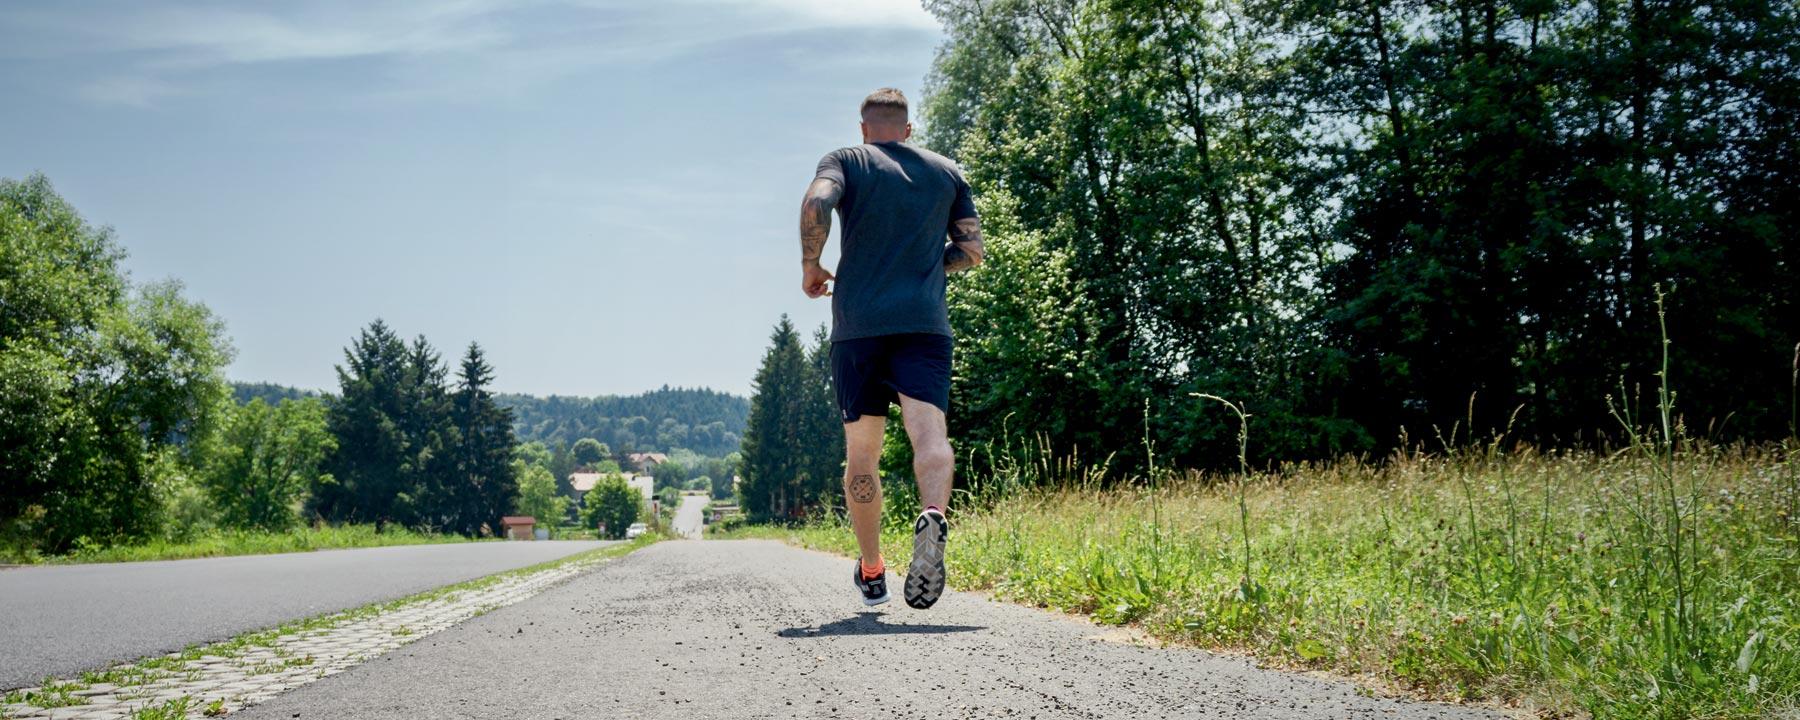 Sportquelle Feldbach by Mario Schabler, Mann kauft Laufschuh mit Laufanaylse